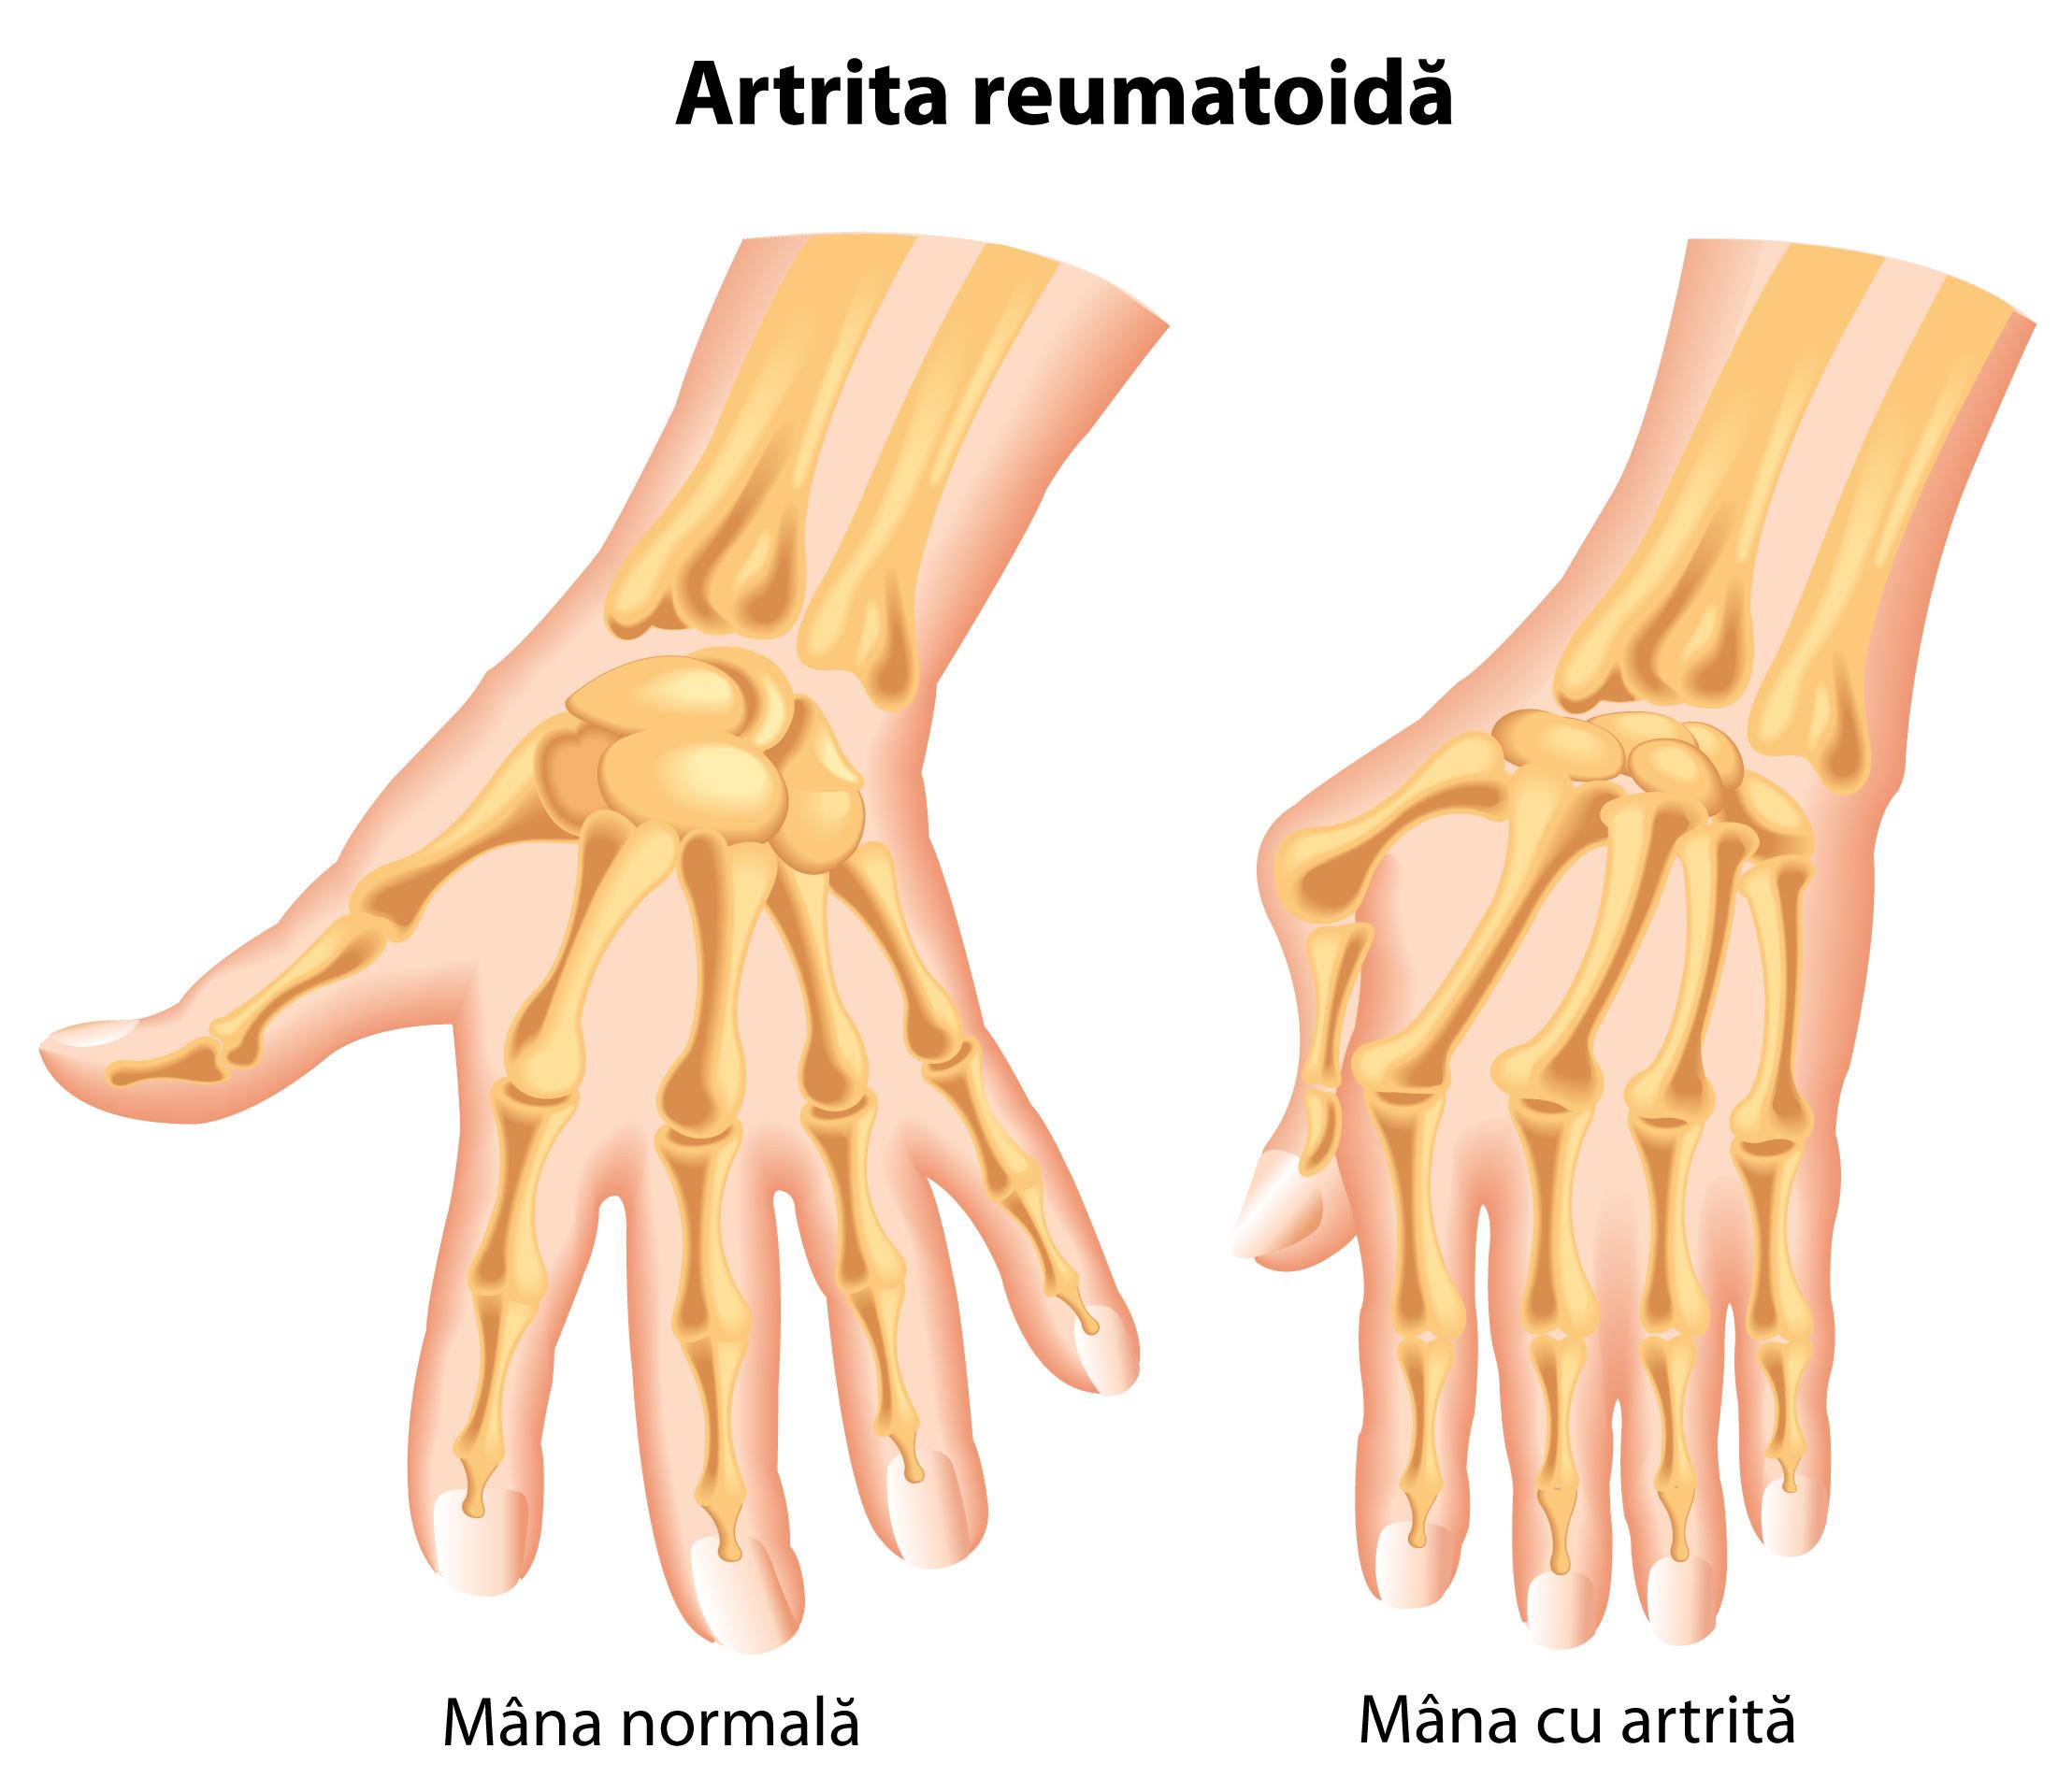 deformarea articulațiilor mâinilor în artrita reumatoidă